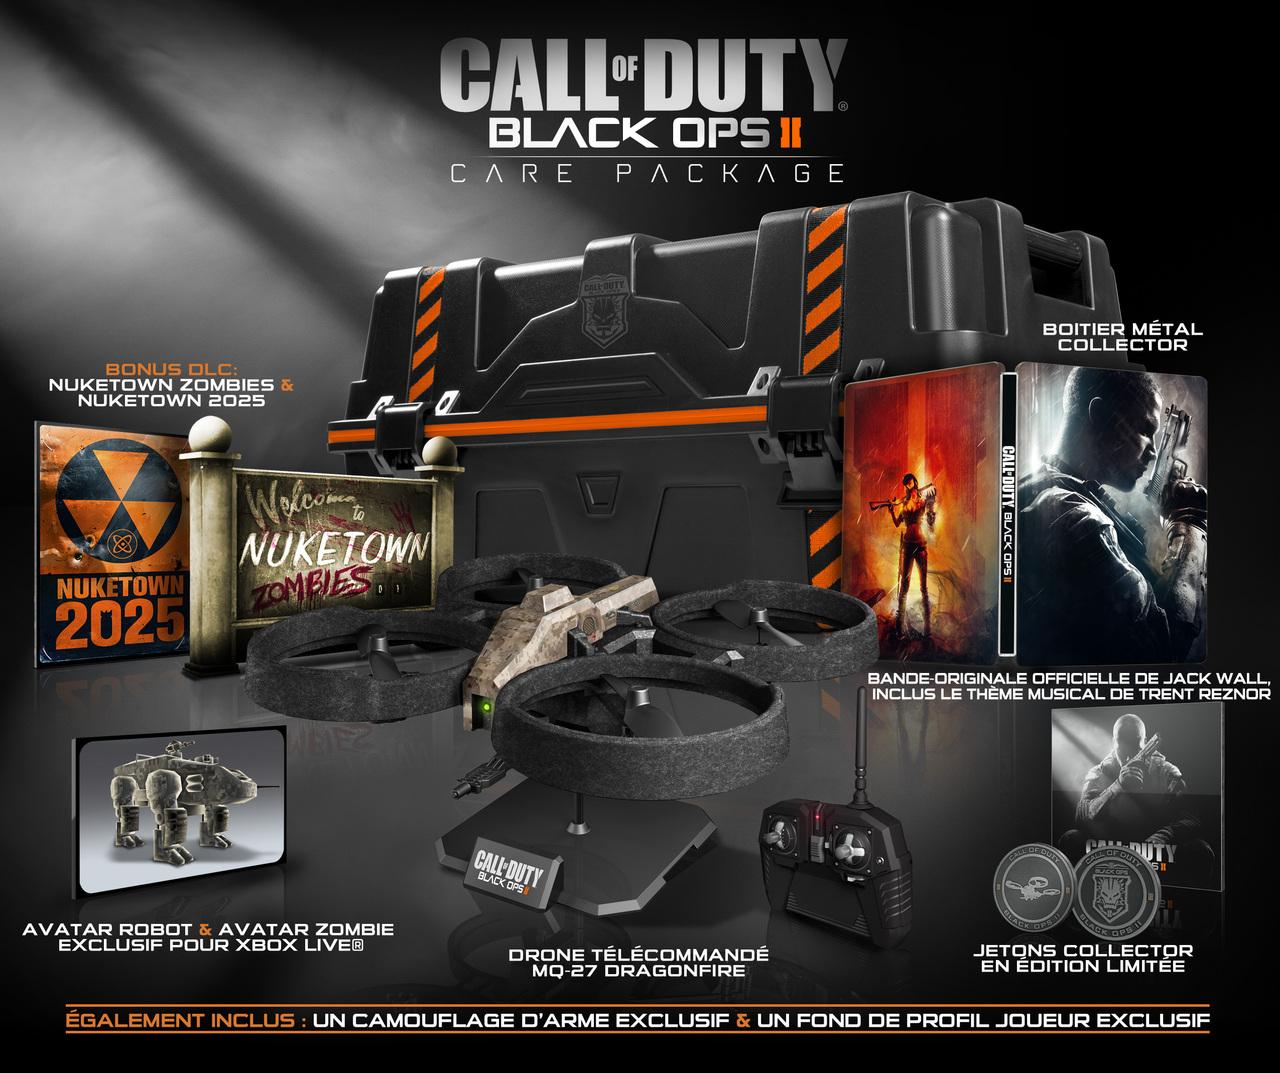 Call Of Duty Black OPS 2 Call-of-duty-black-ops-ii-xbox-360-1346175345-021